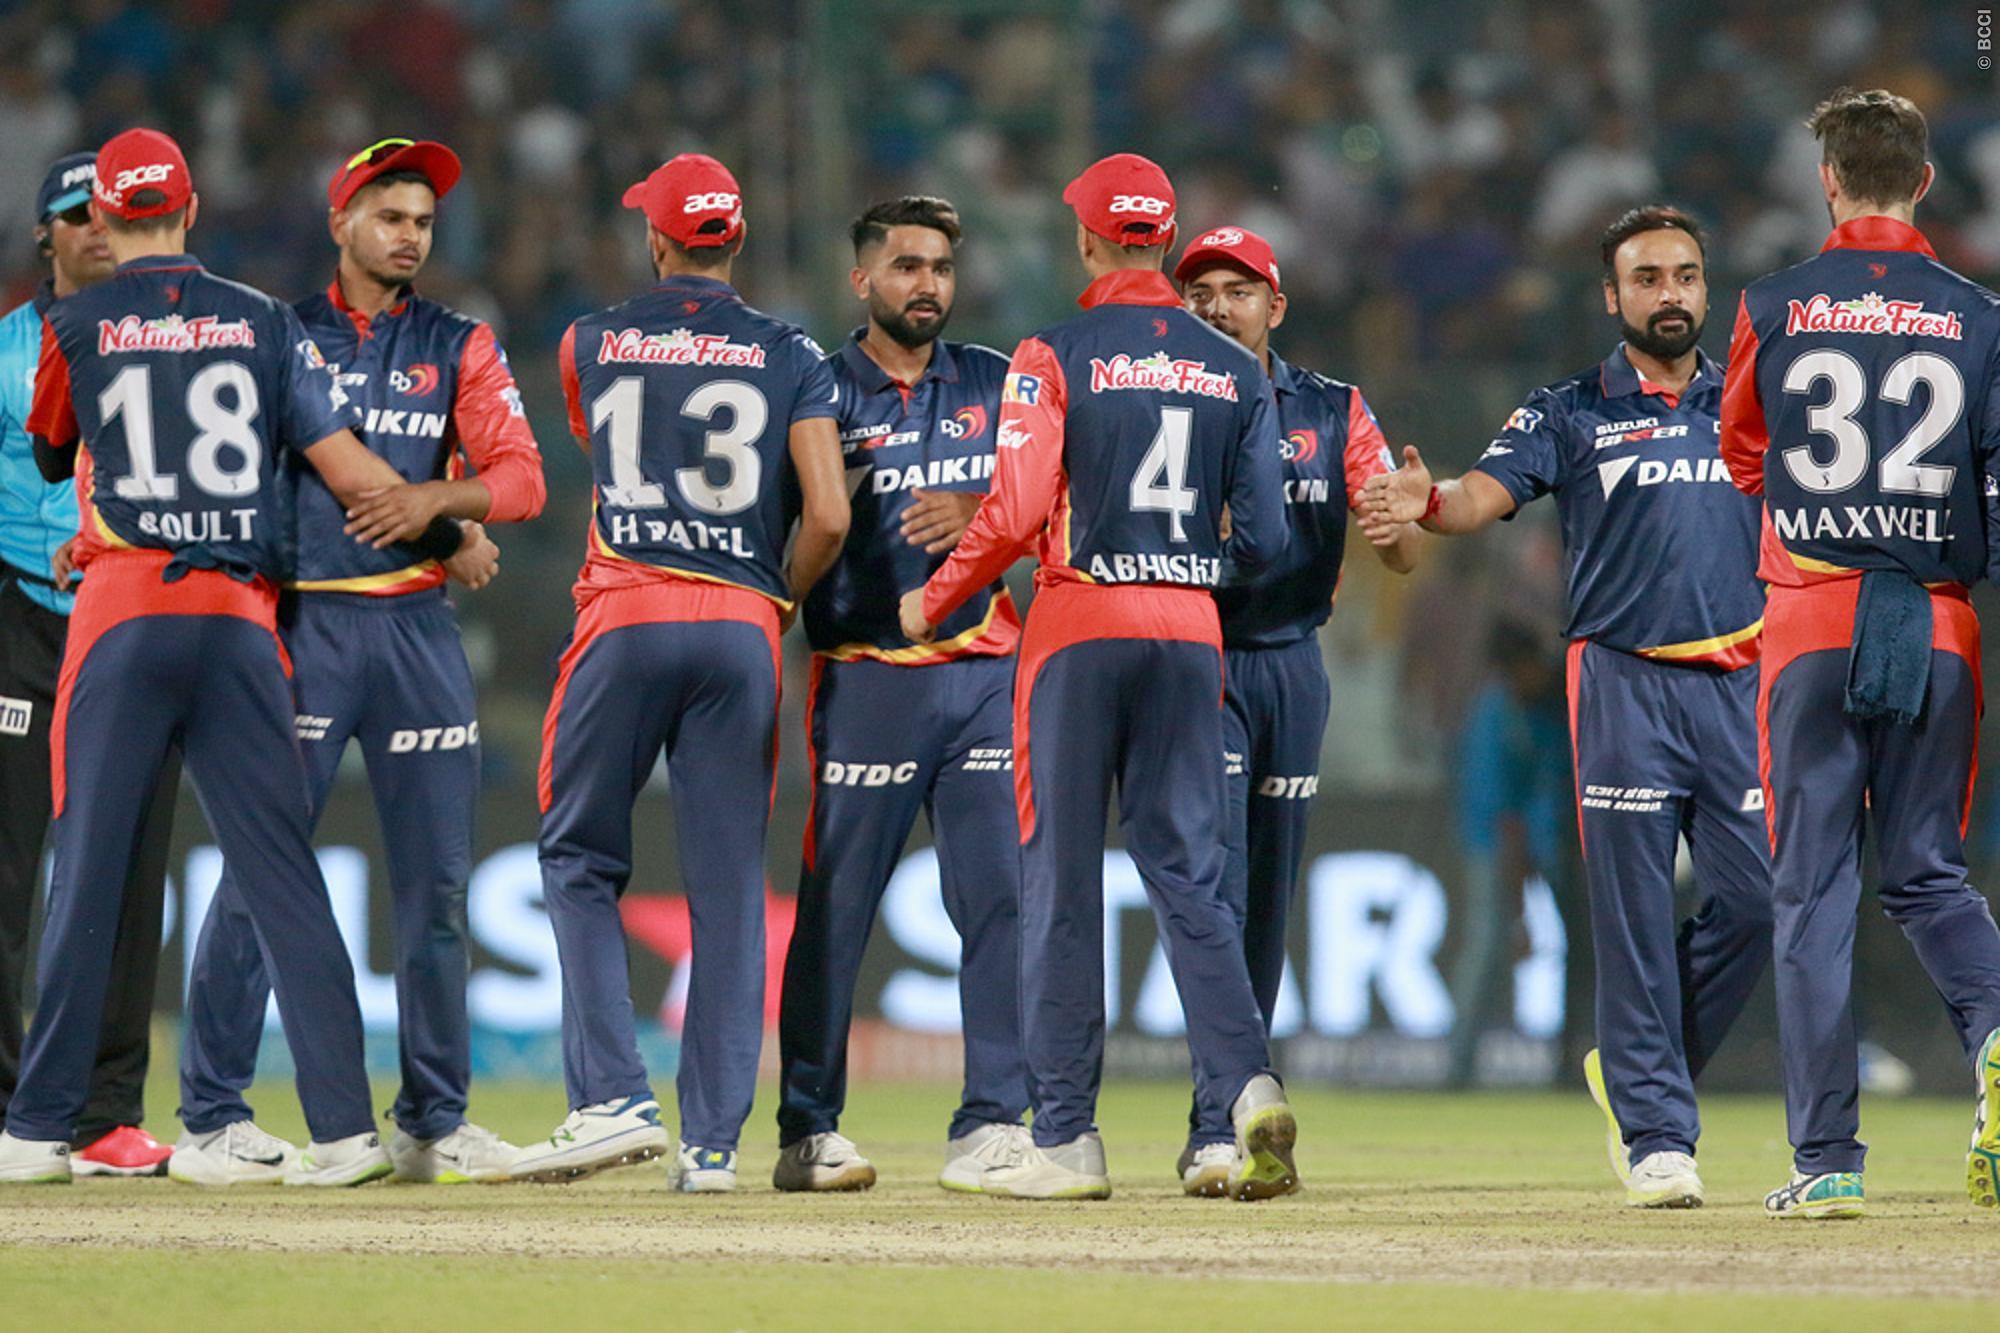 IPL 2019- दिल्ली डेयरडेविल्स इन पांच खिलाड़ियों को कर सकती है अगले सीजन में बाहर 1